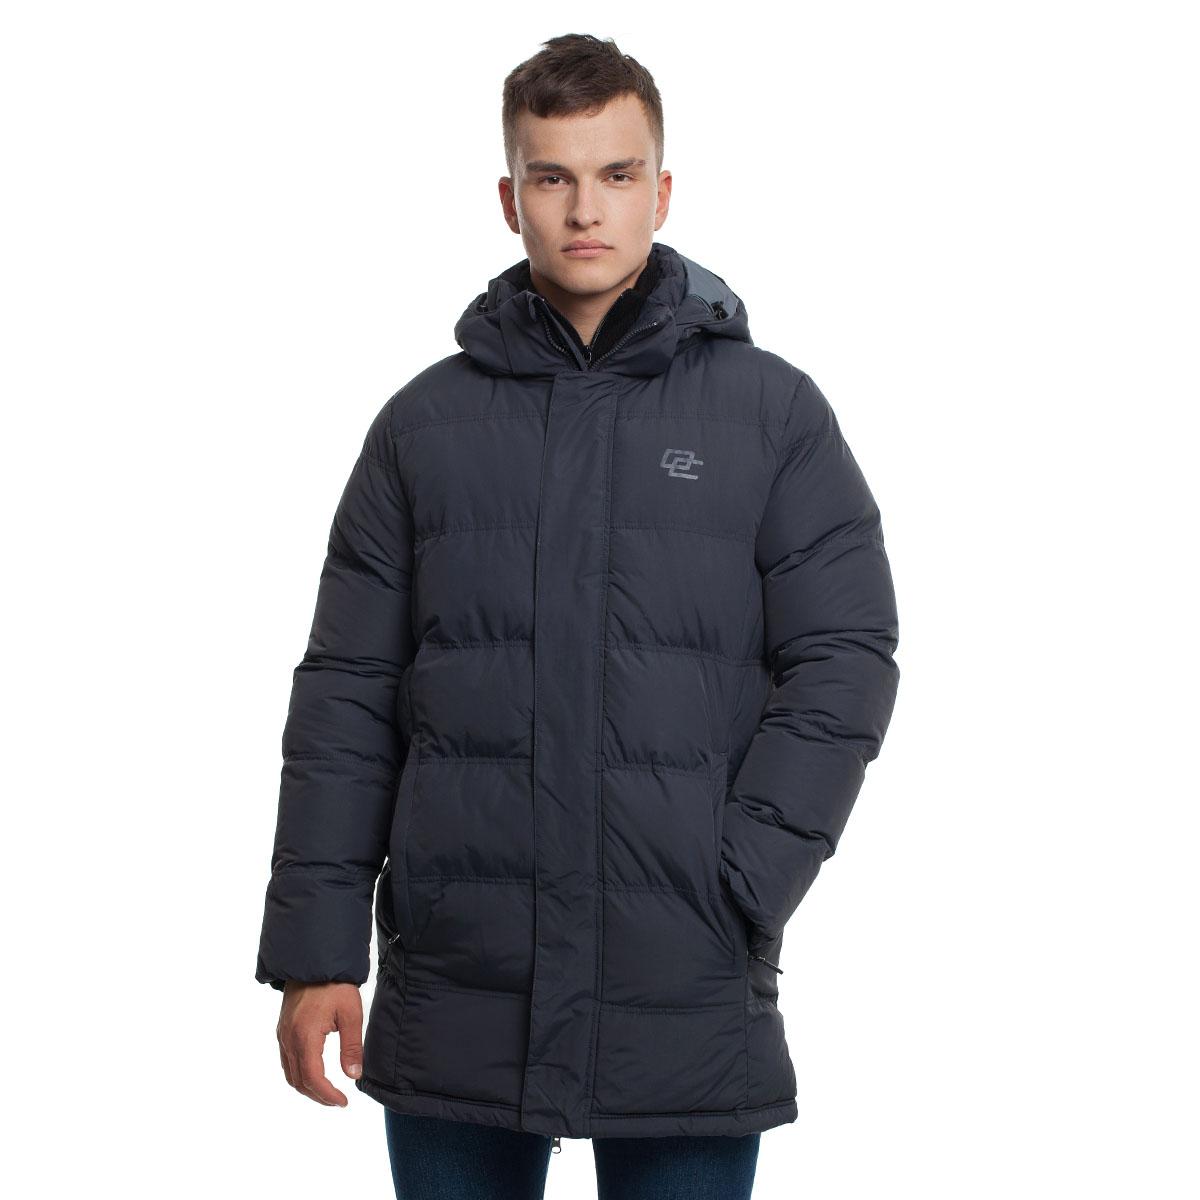 цена на Куртка утепленная Overcome, DH-20621